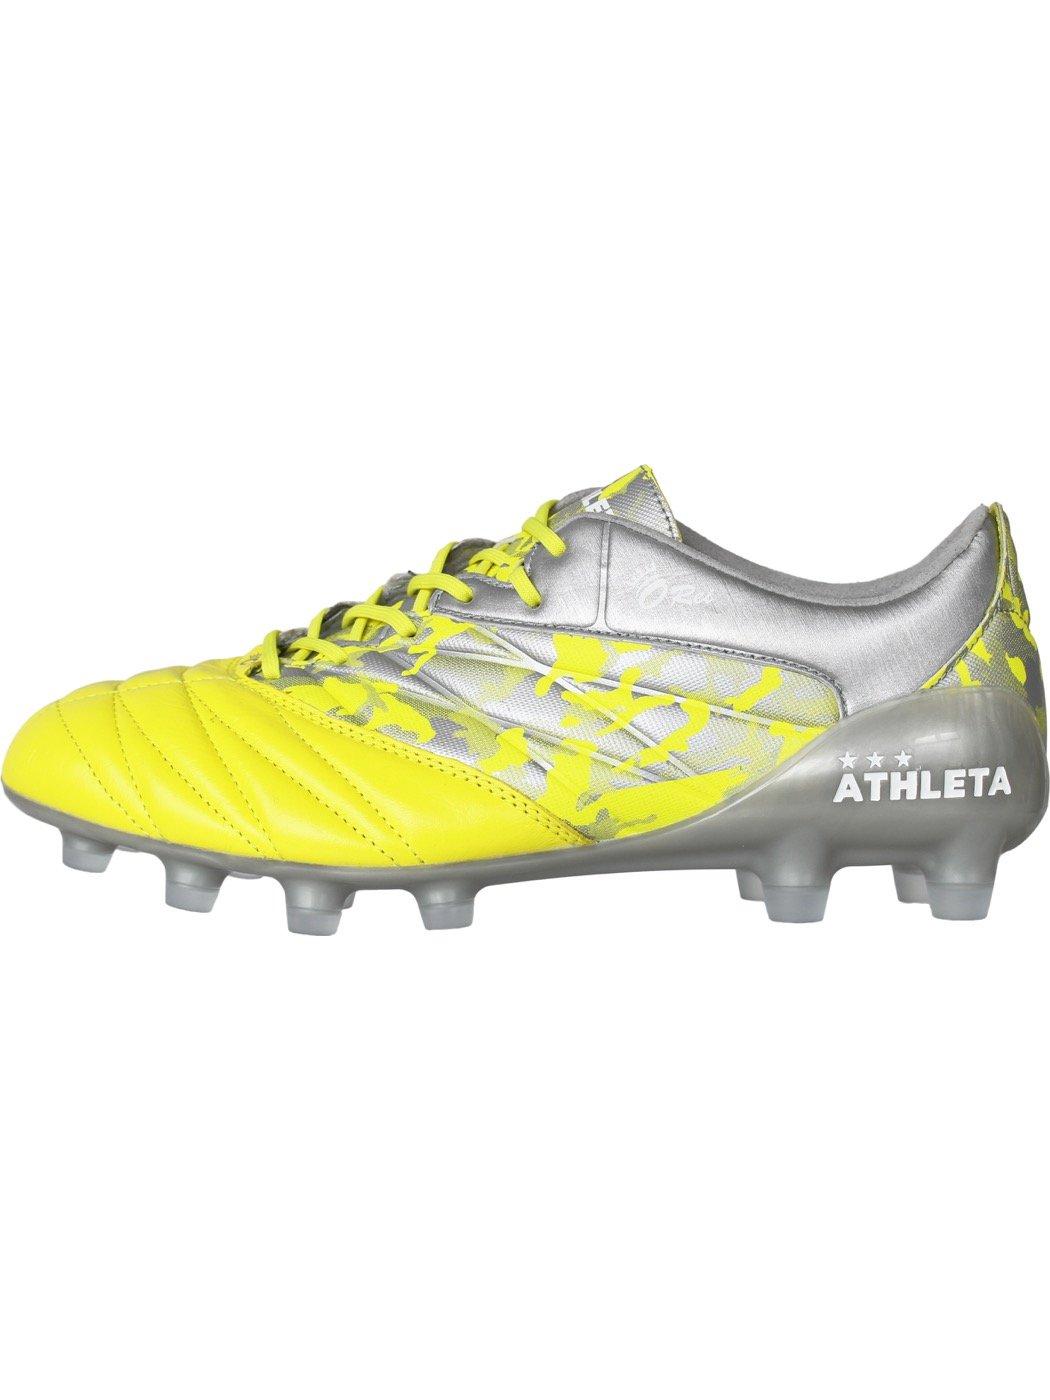 ATHLETA(アスレタ) O-Rei Futebol T002 10004-FYSI B074R6QZQDYL/SV 26.5 cm